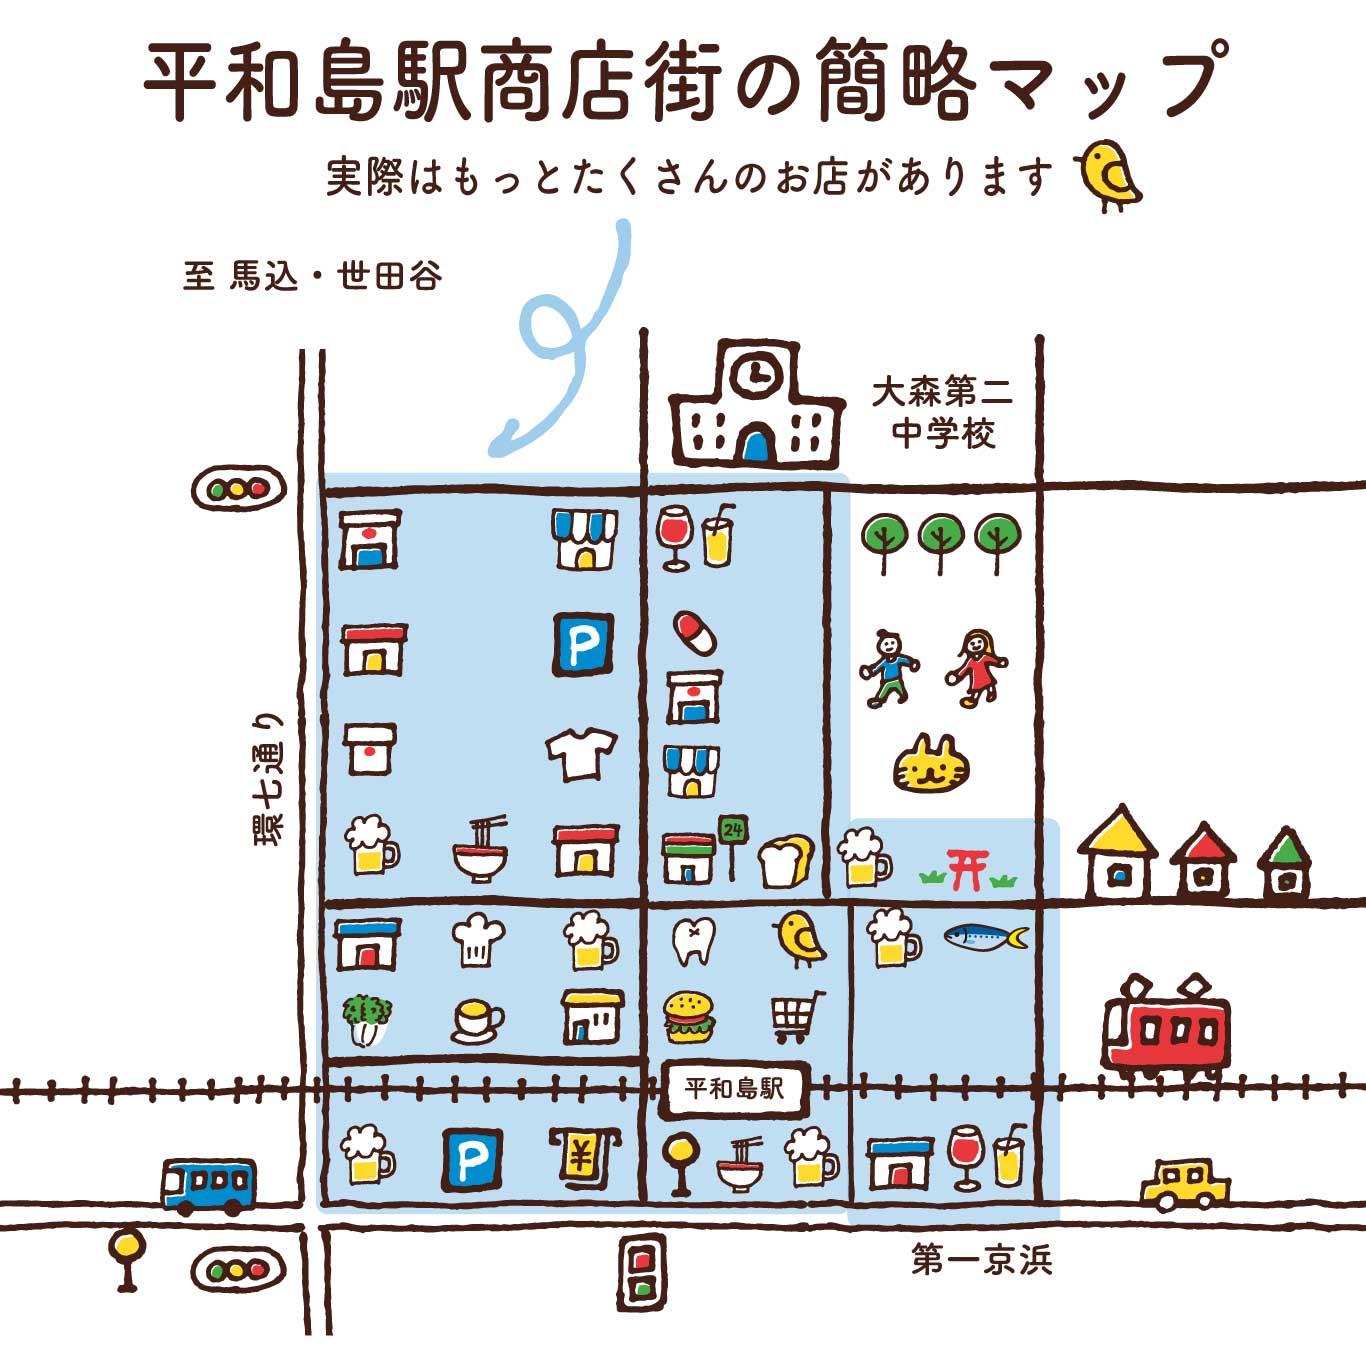 平和島駅商店街 簡略マップ